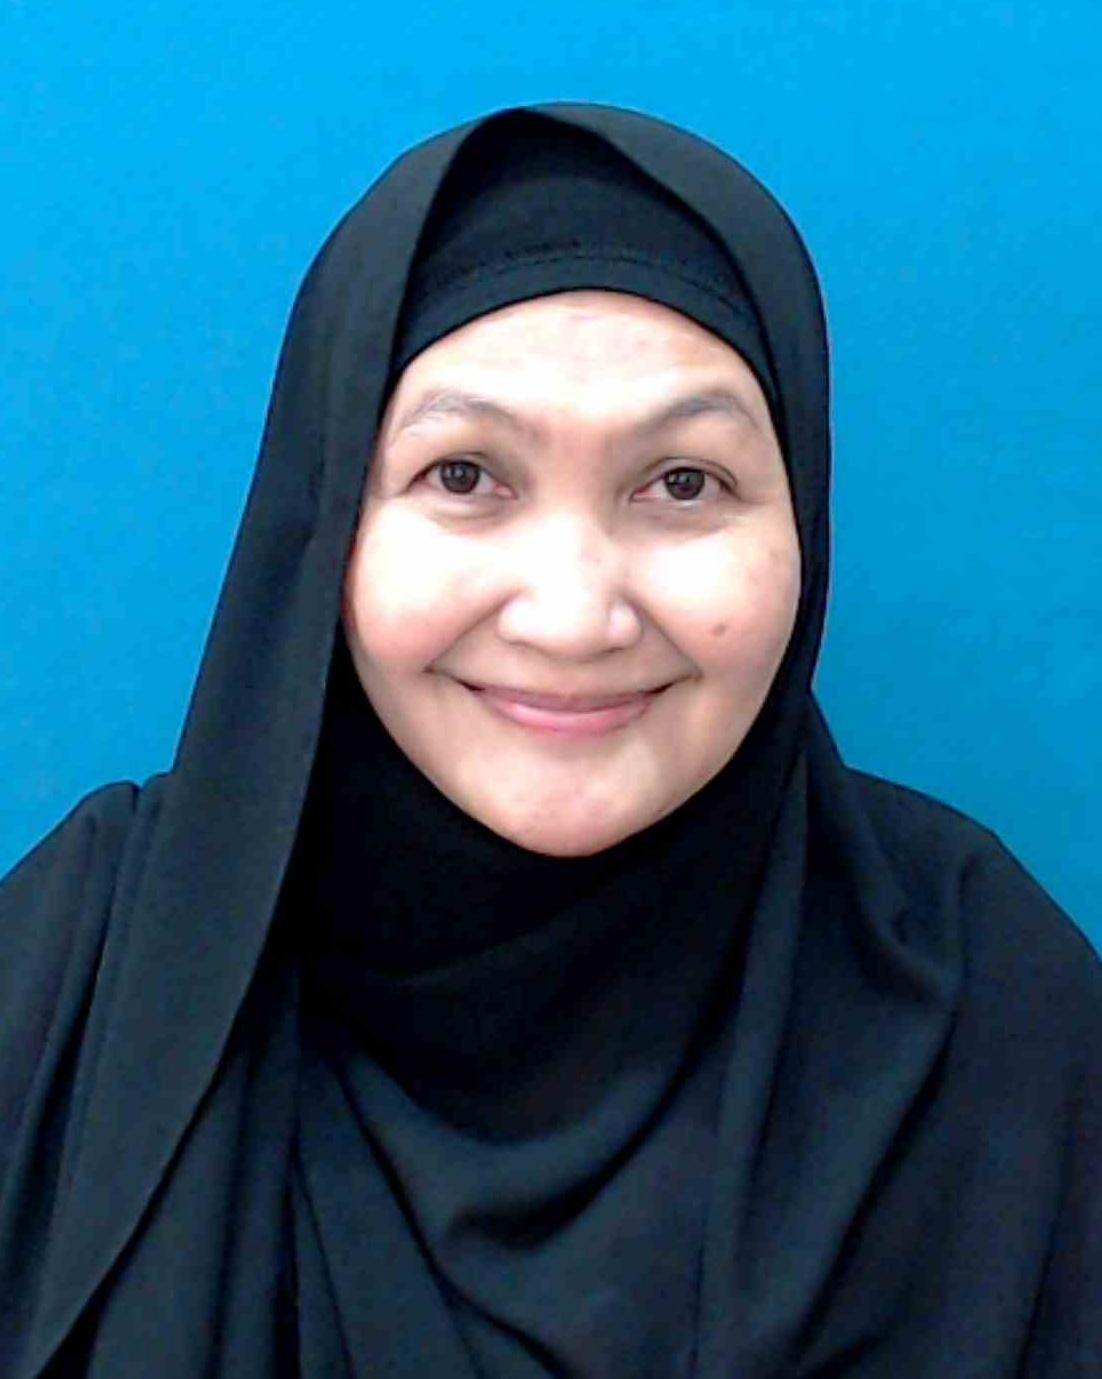 Norzilah Binti Mohd. Yusof